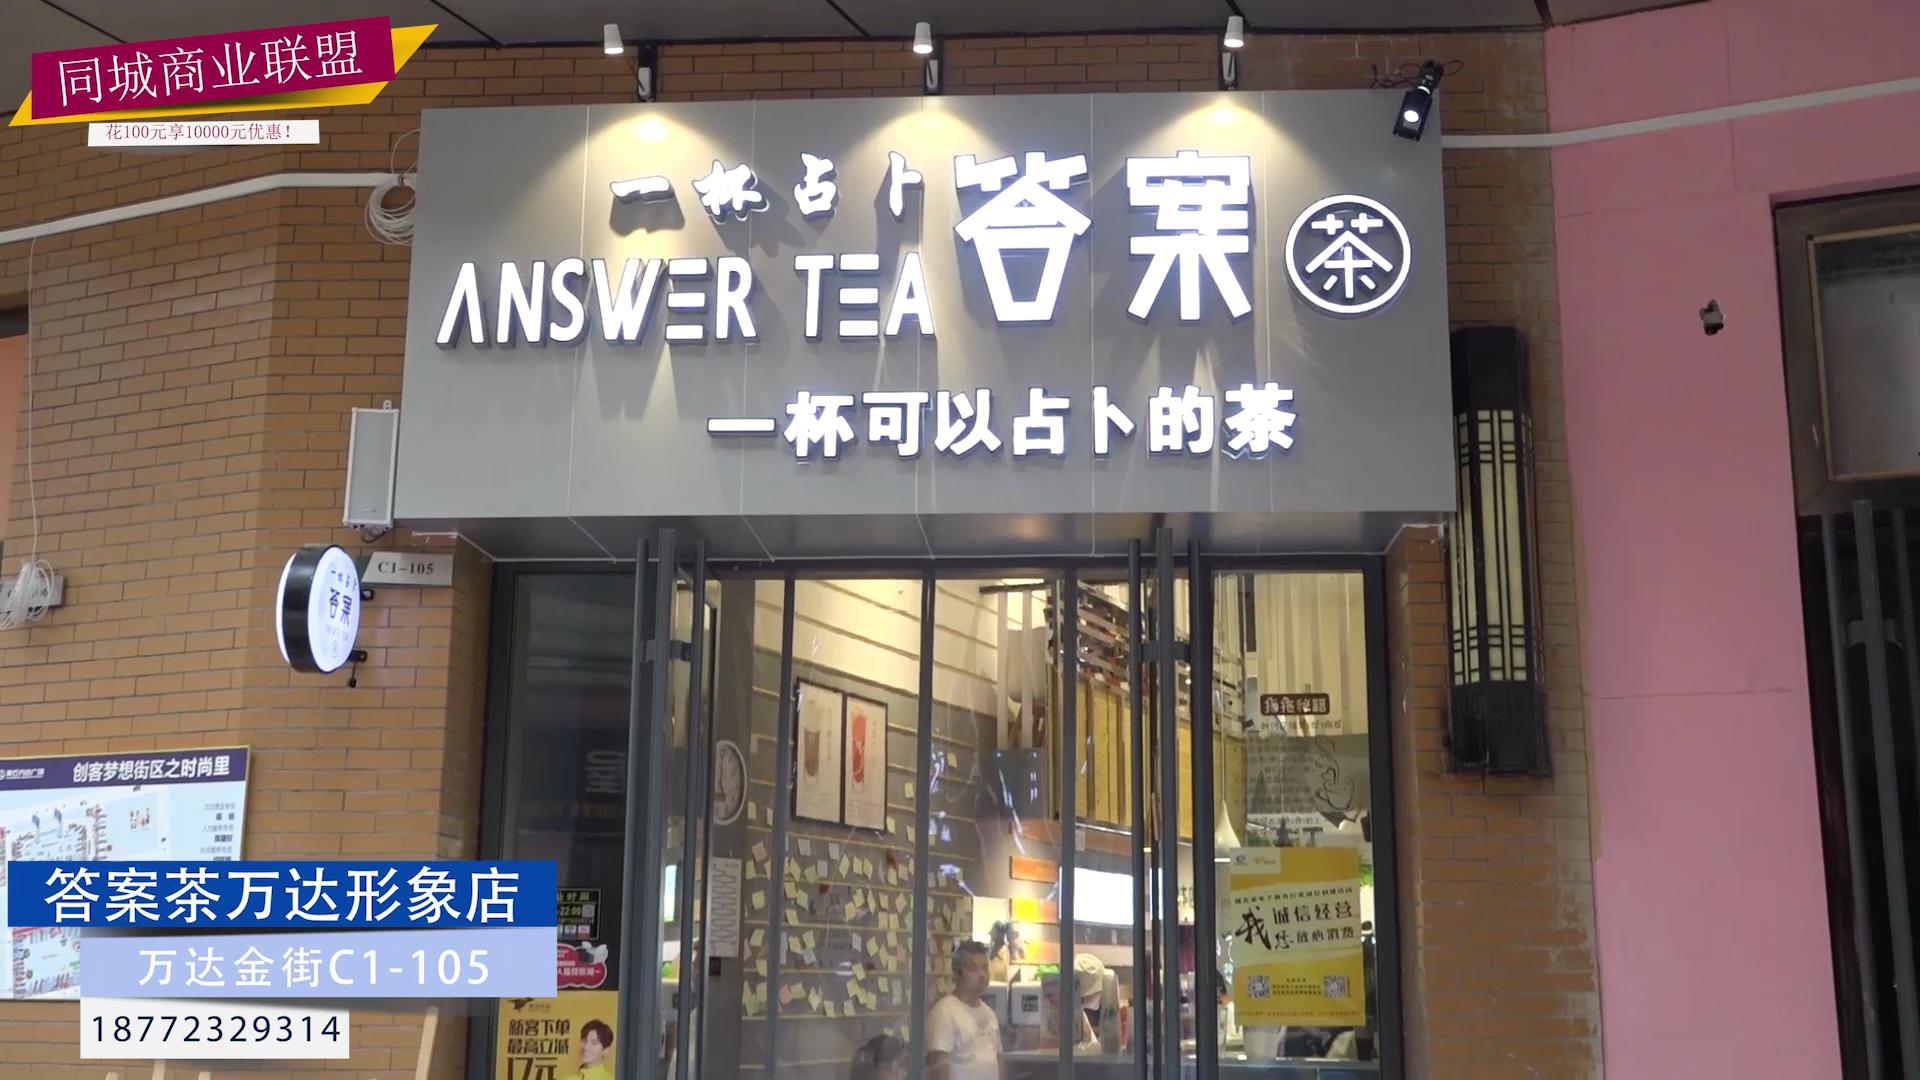 黄石同城百业联盟--答案茶万达形象店